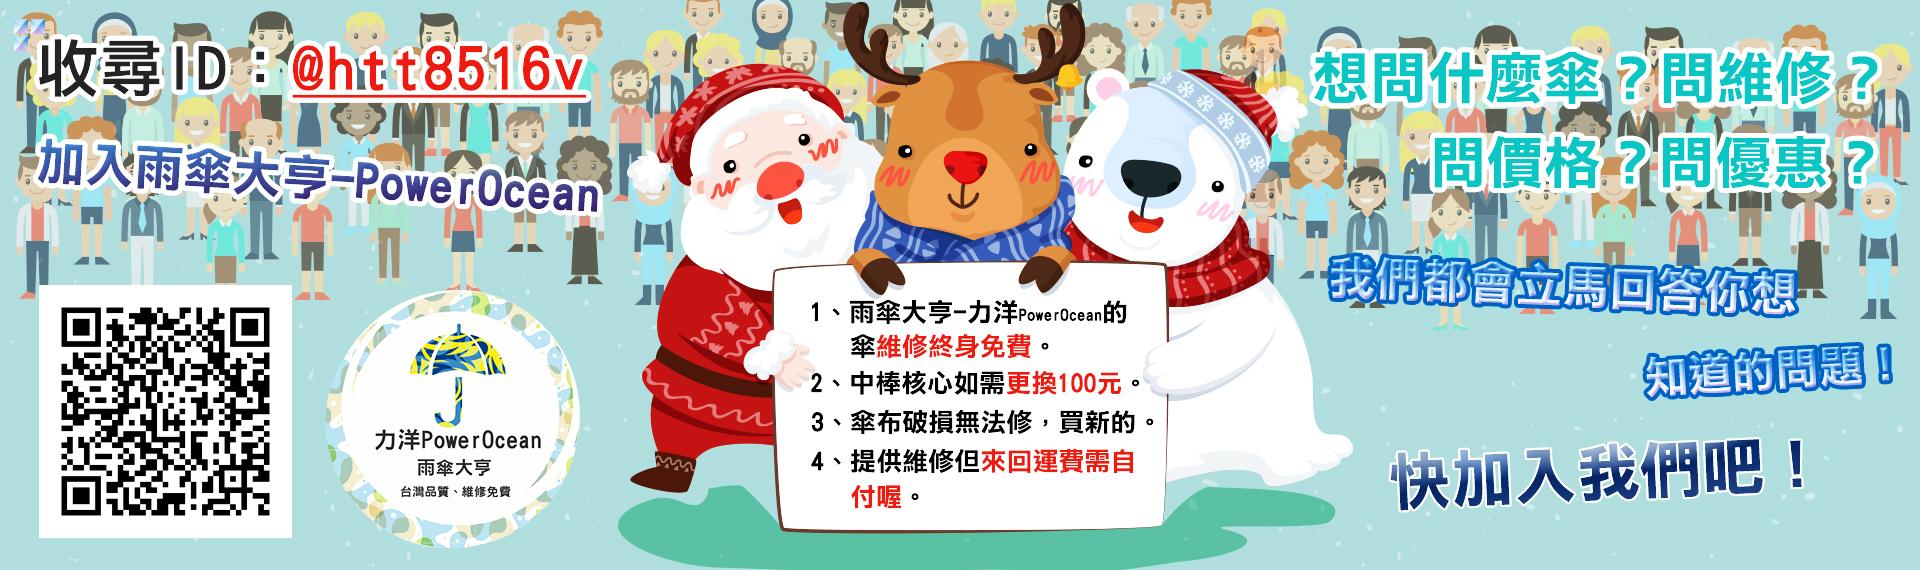 聖誕節維修封面.jpg